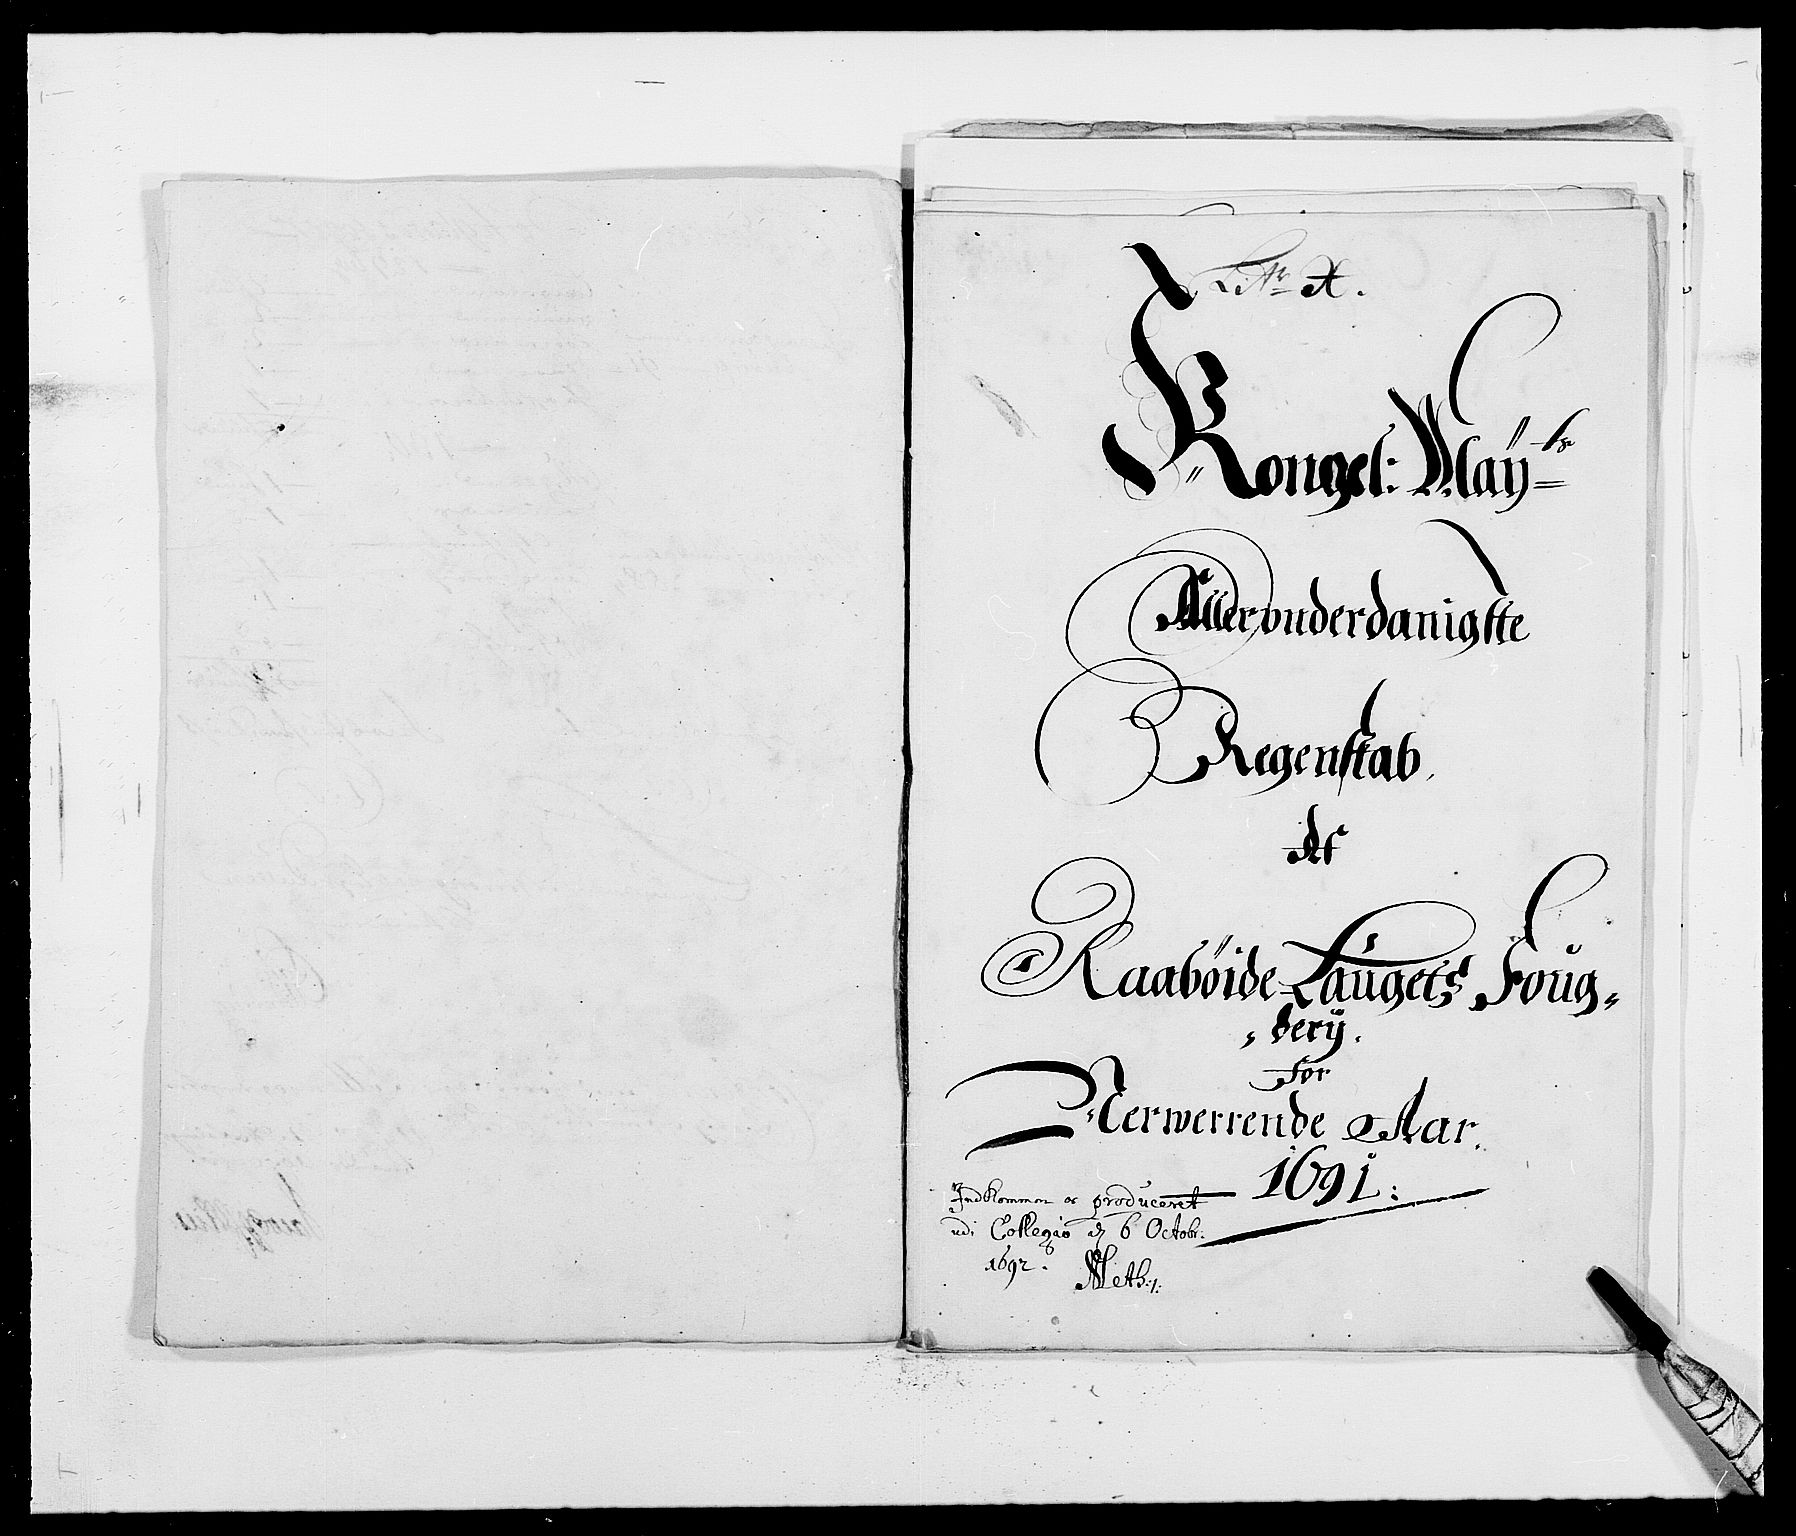 RA, Rentekammeret inntil 1814, Reviderte regnskaper, Fogderegnskap, R40/L2443: Fogderegnskap Råbyggelag, 1691-1692, s. 10